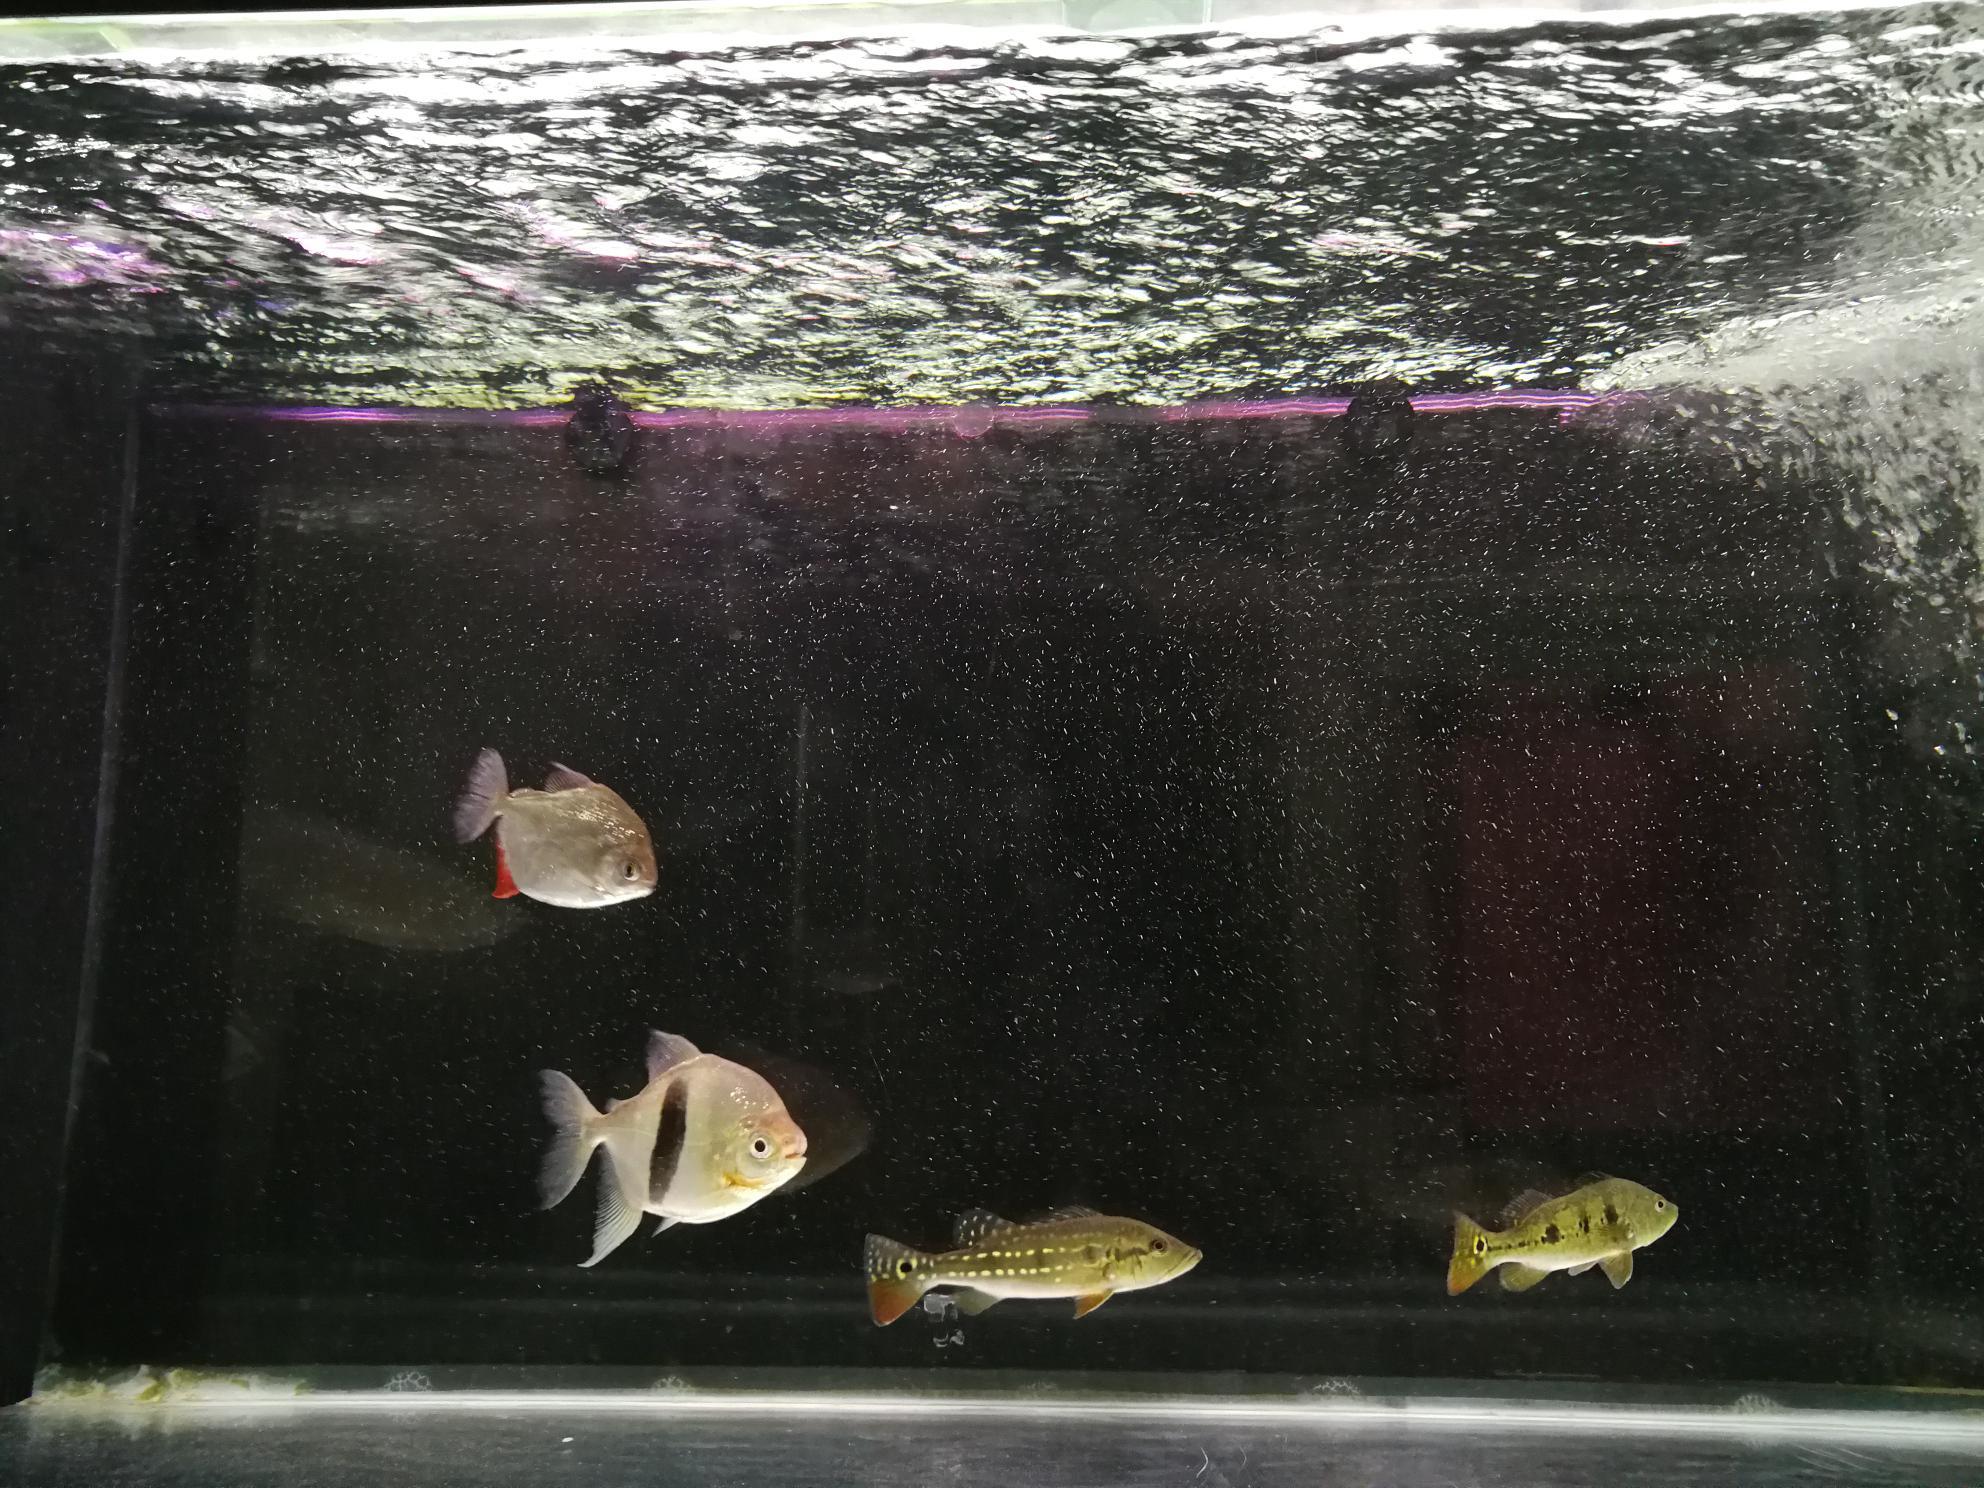 鱼缸里的水有水泡 西安观赏鱼信息 西安博特第3张